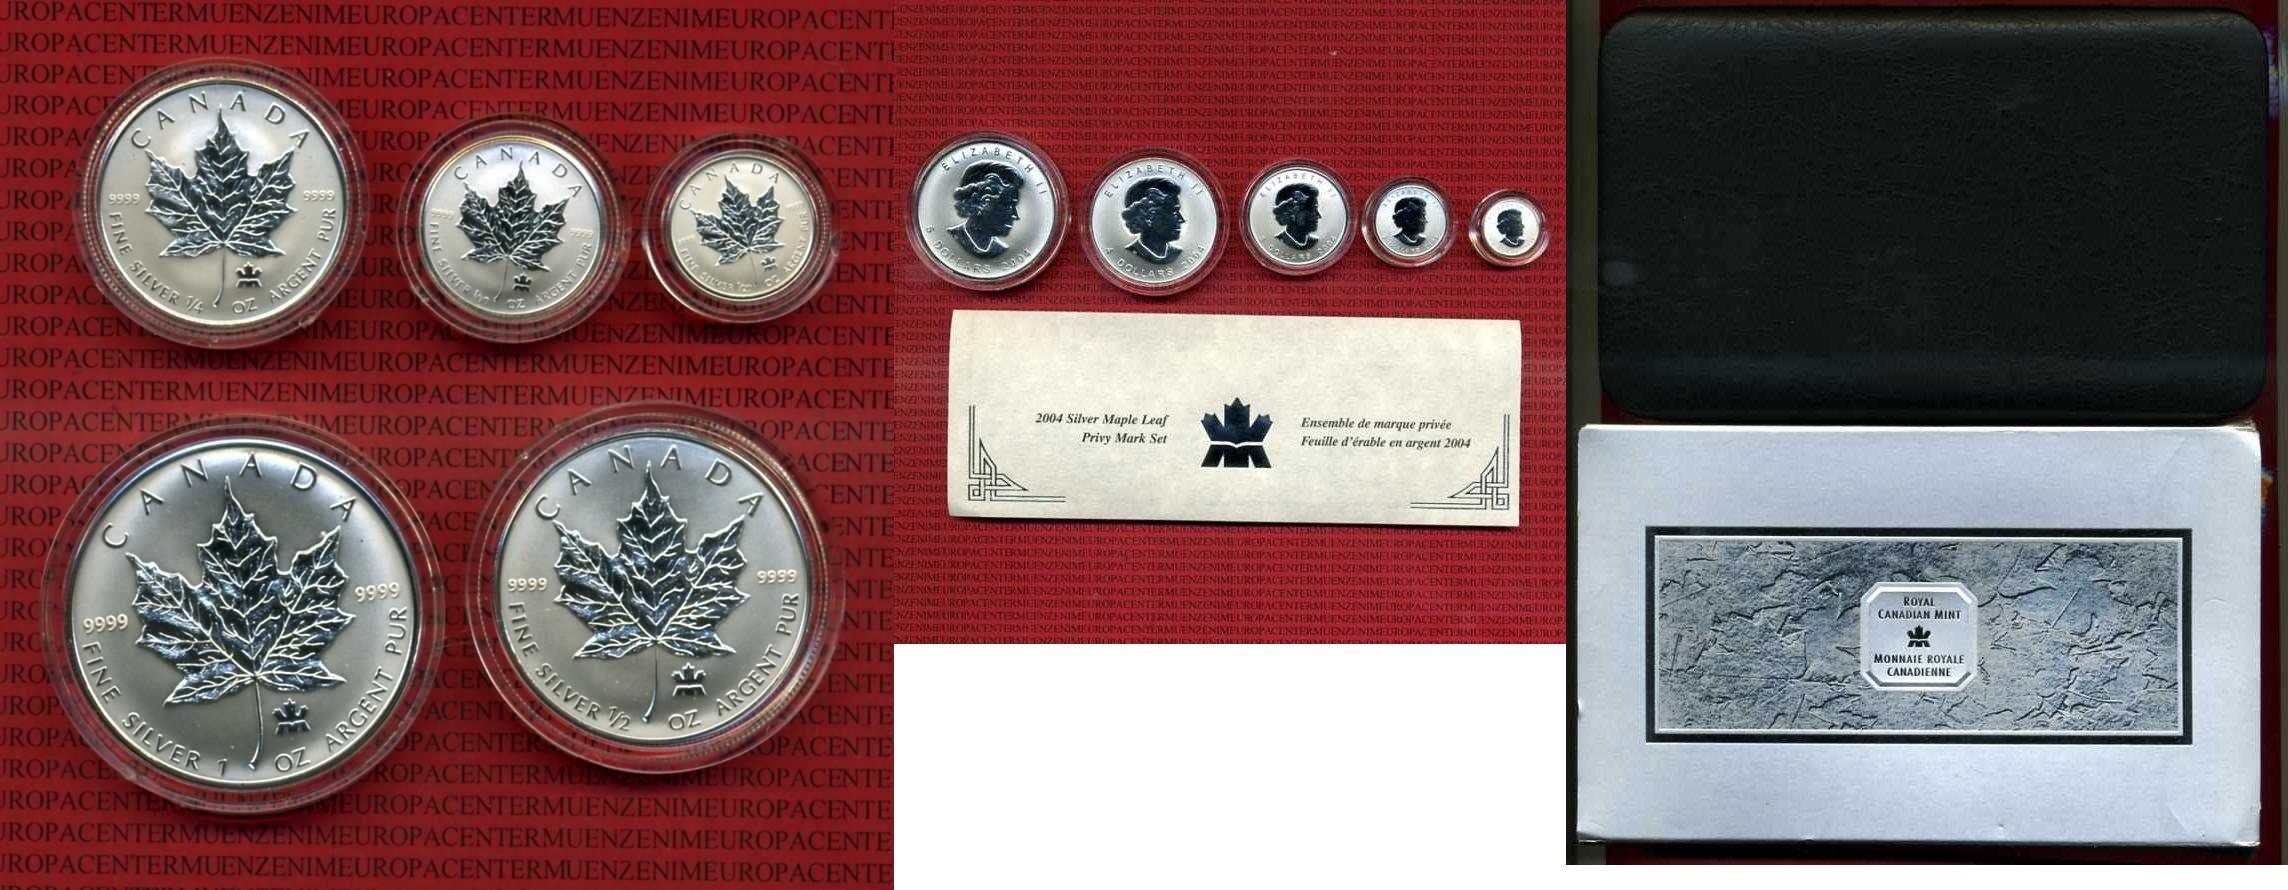 1/20-1 Unze Maple Leaf Pryvy mark 2004 Kanada, Canada Kanada Privy Mark Set 2001, 5, 4, 3, 2 1 Dollar Silber BU Stempelglanz BU mit Box und Zertifikat